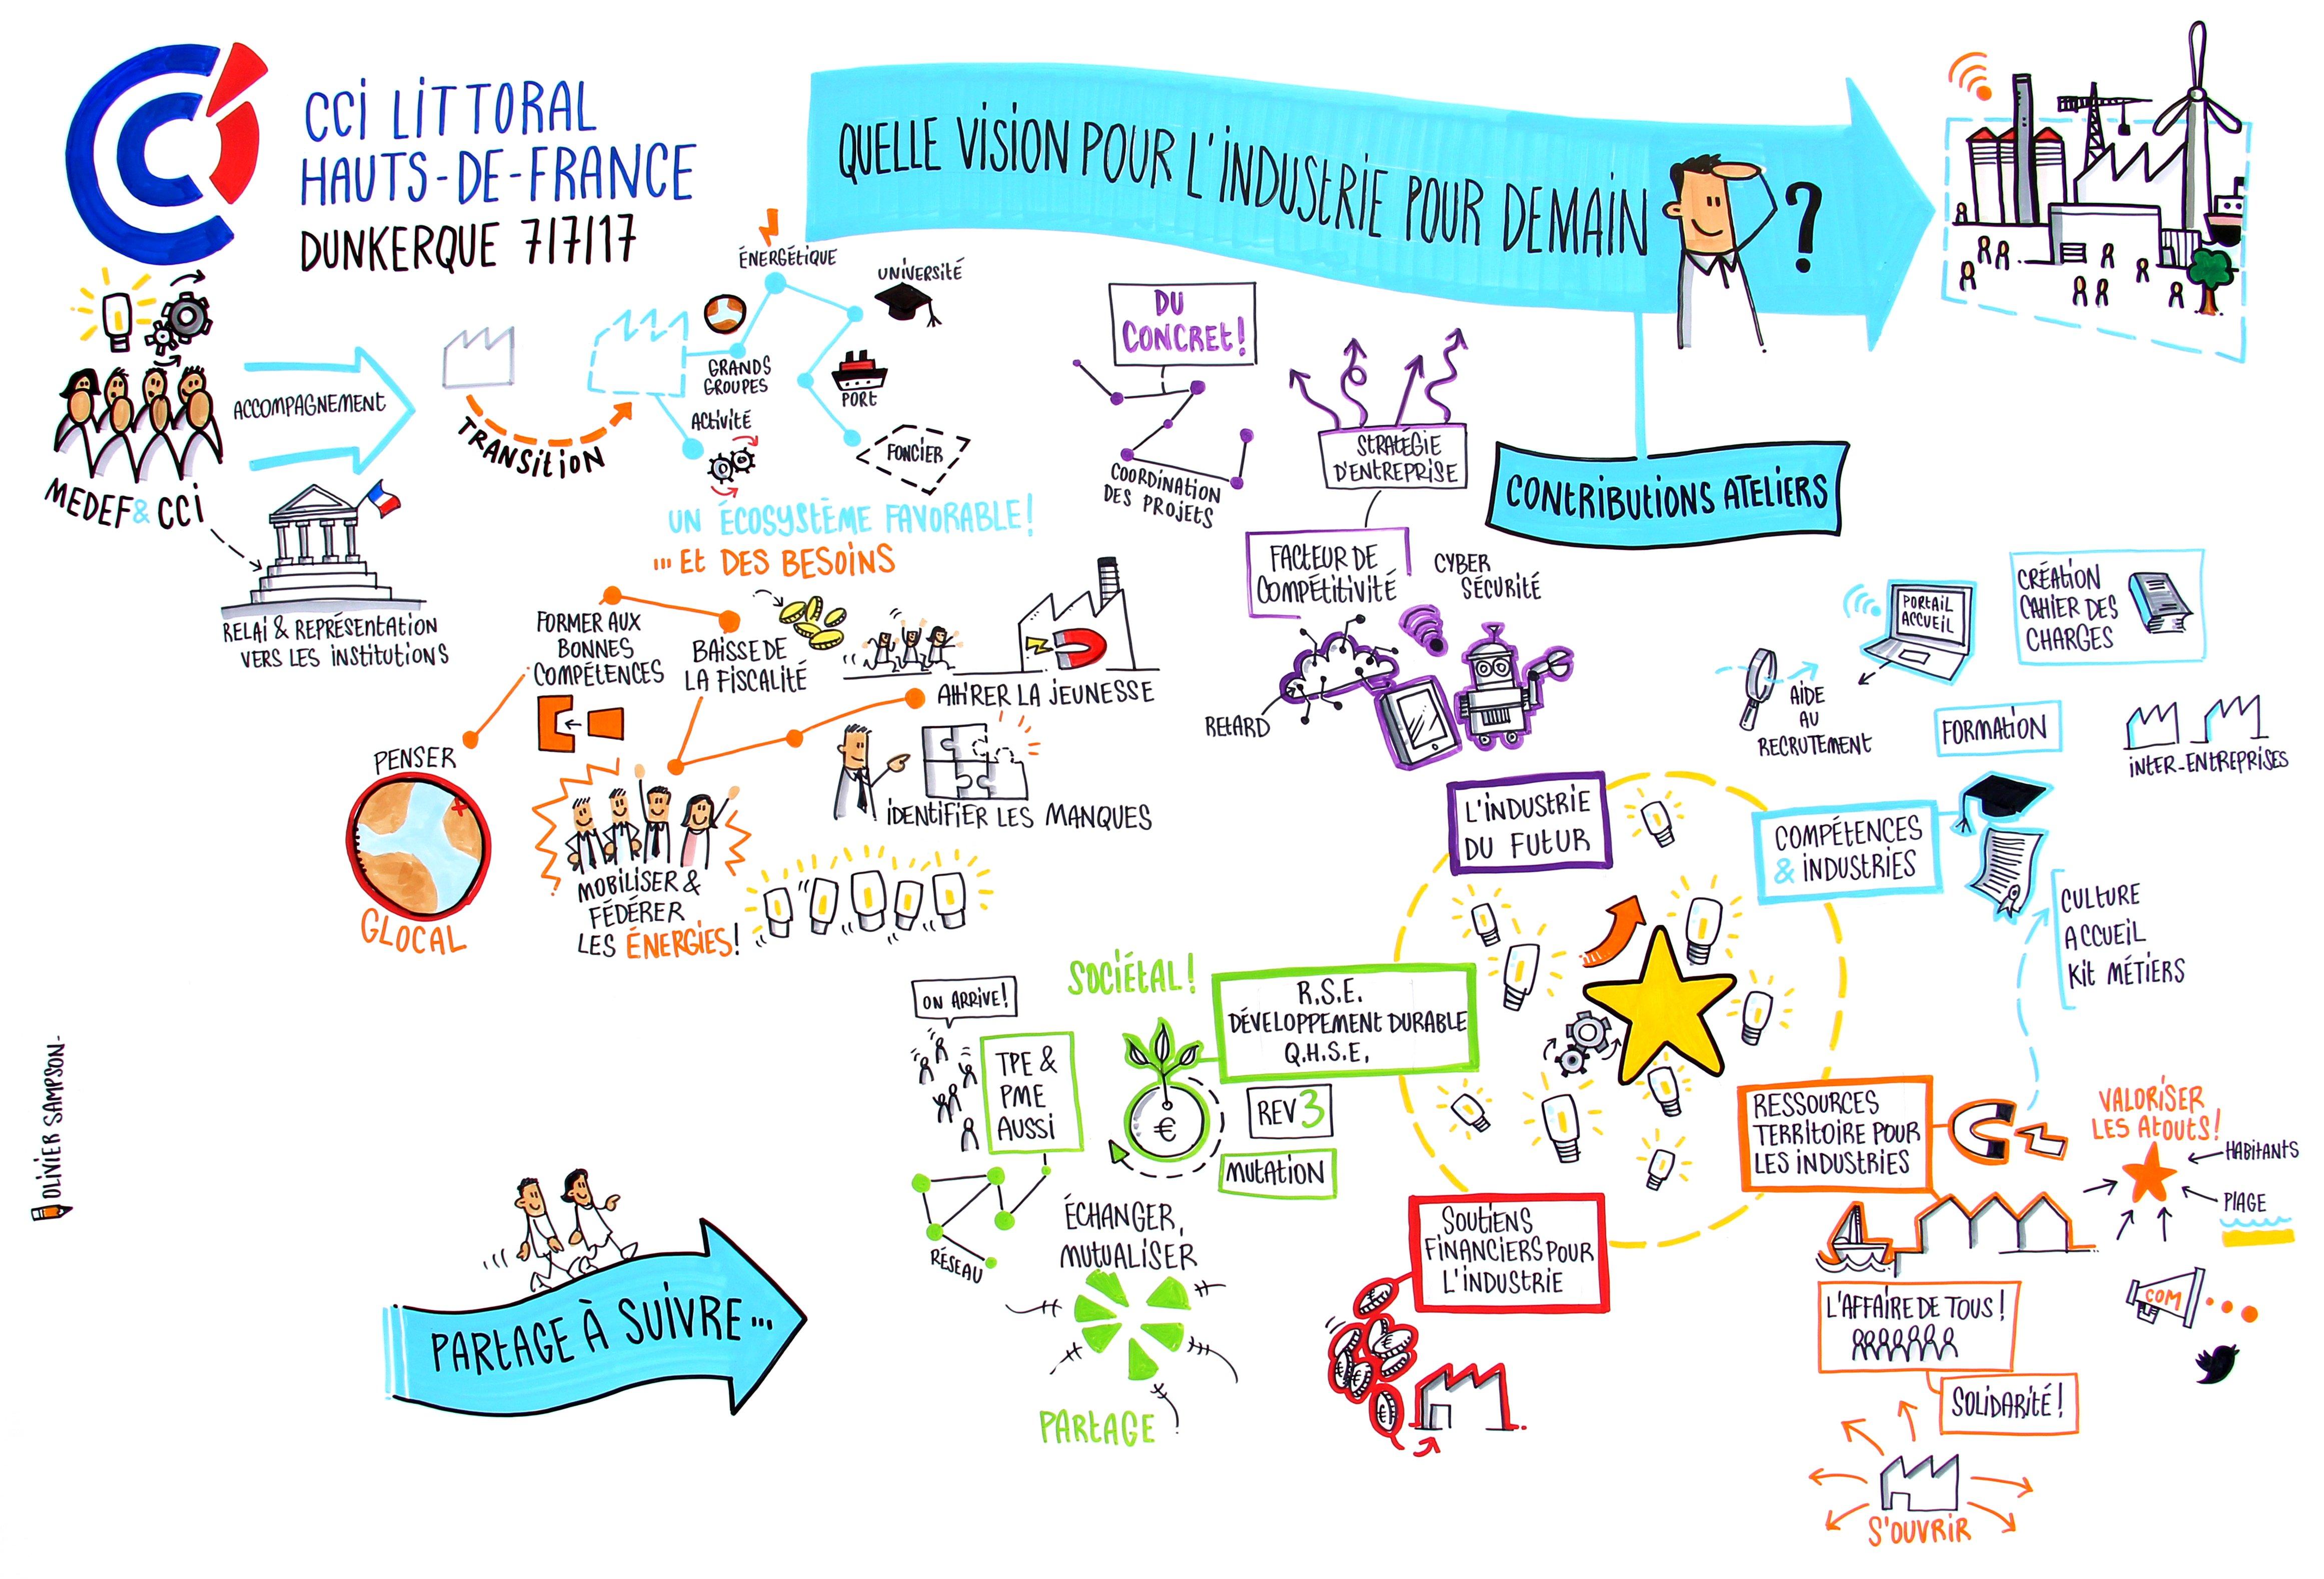 Olivier Sampson, facilitateur graphique a illustré le contenu des travaux de cette matinée!